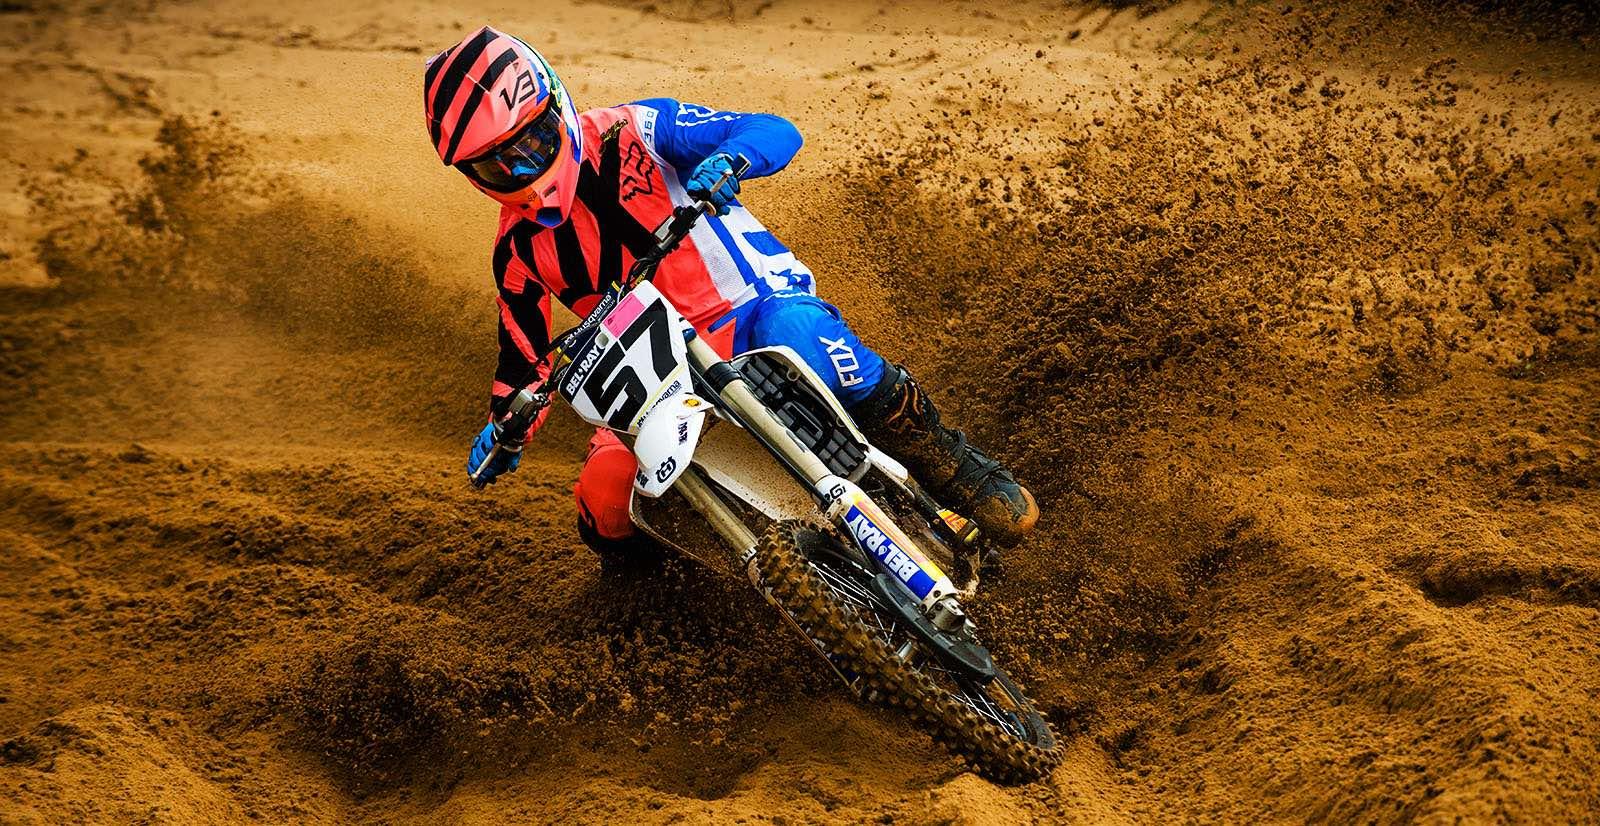 Maddy Malan racing his way to victory at Round 1 of the SA MX Nationals